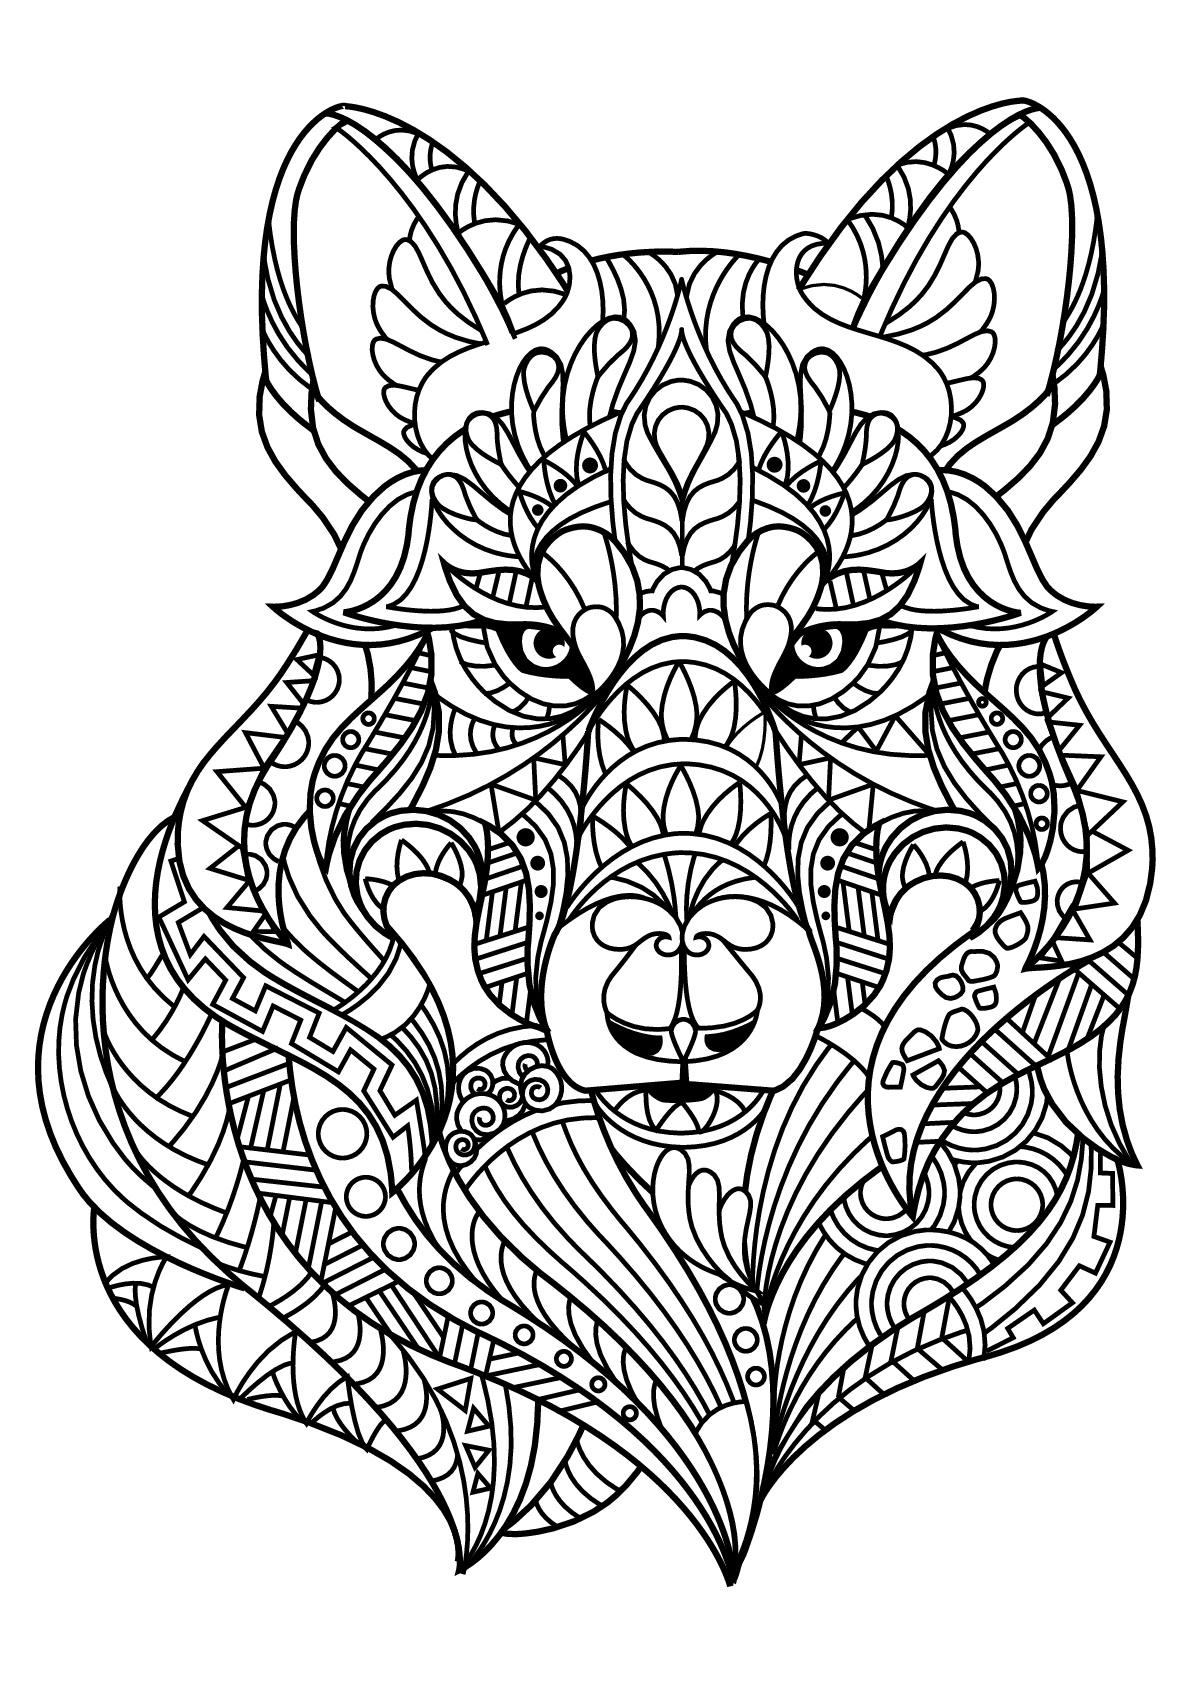 Livre Gratuit Loup - Loups - Coloriages Difficiles Pour concernant Livre Coloriage Adulte